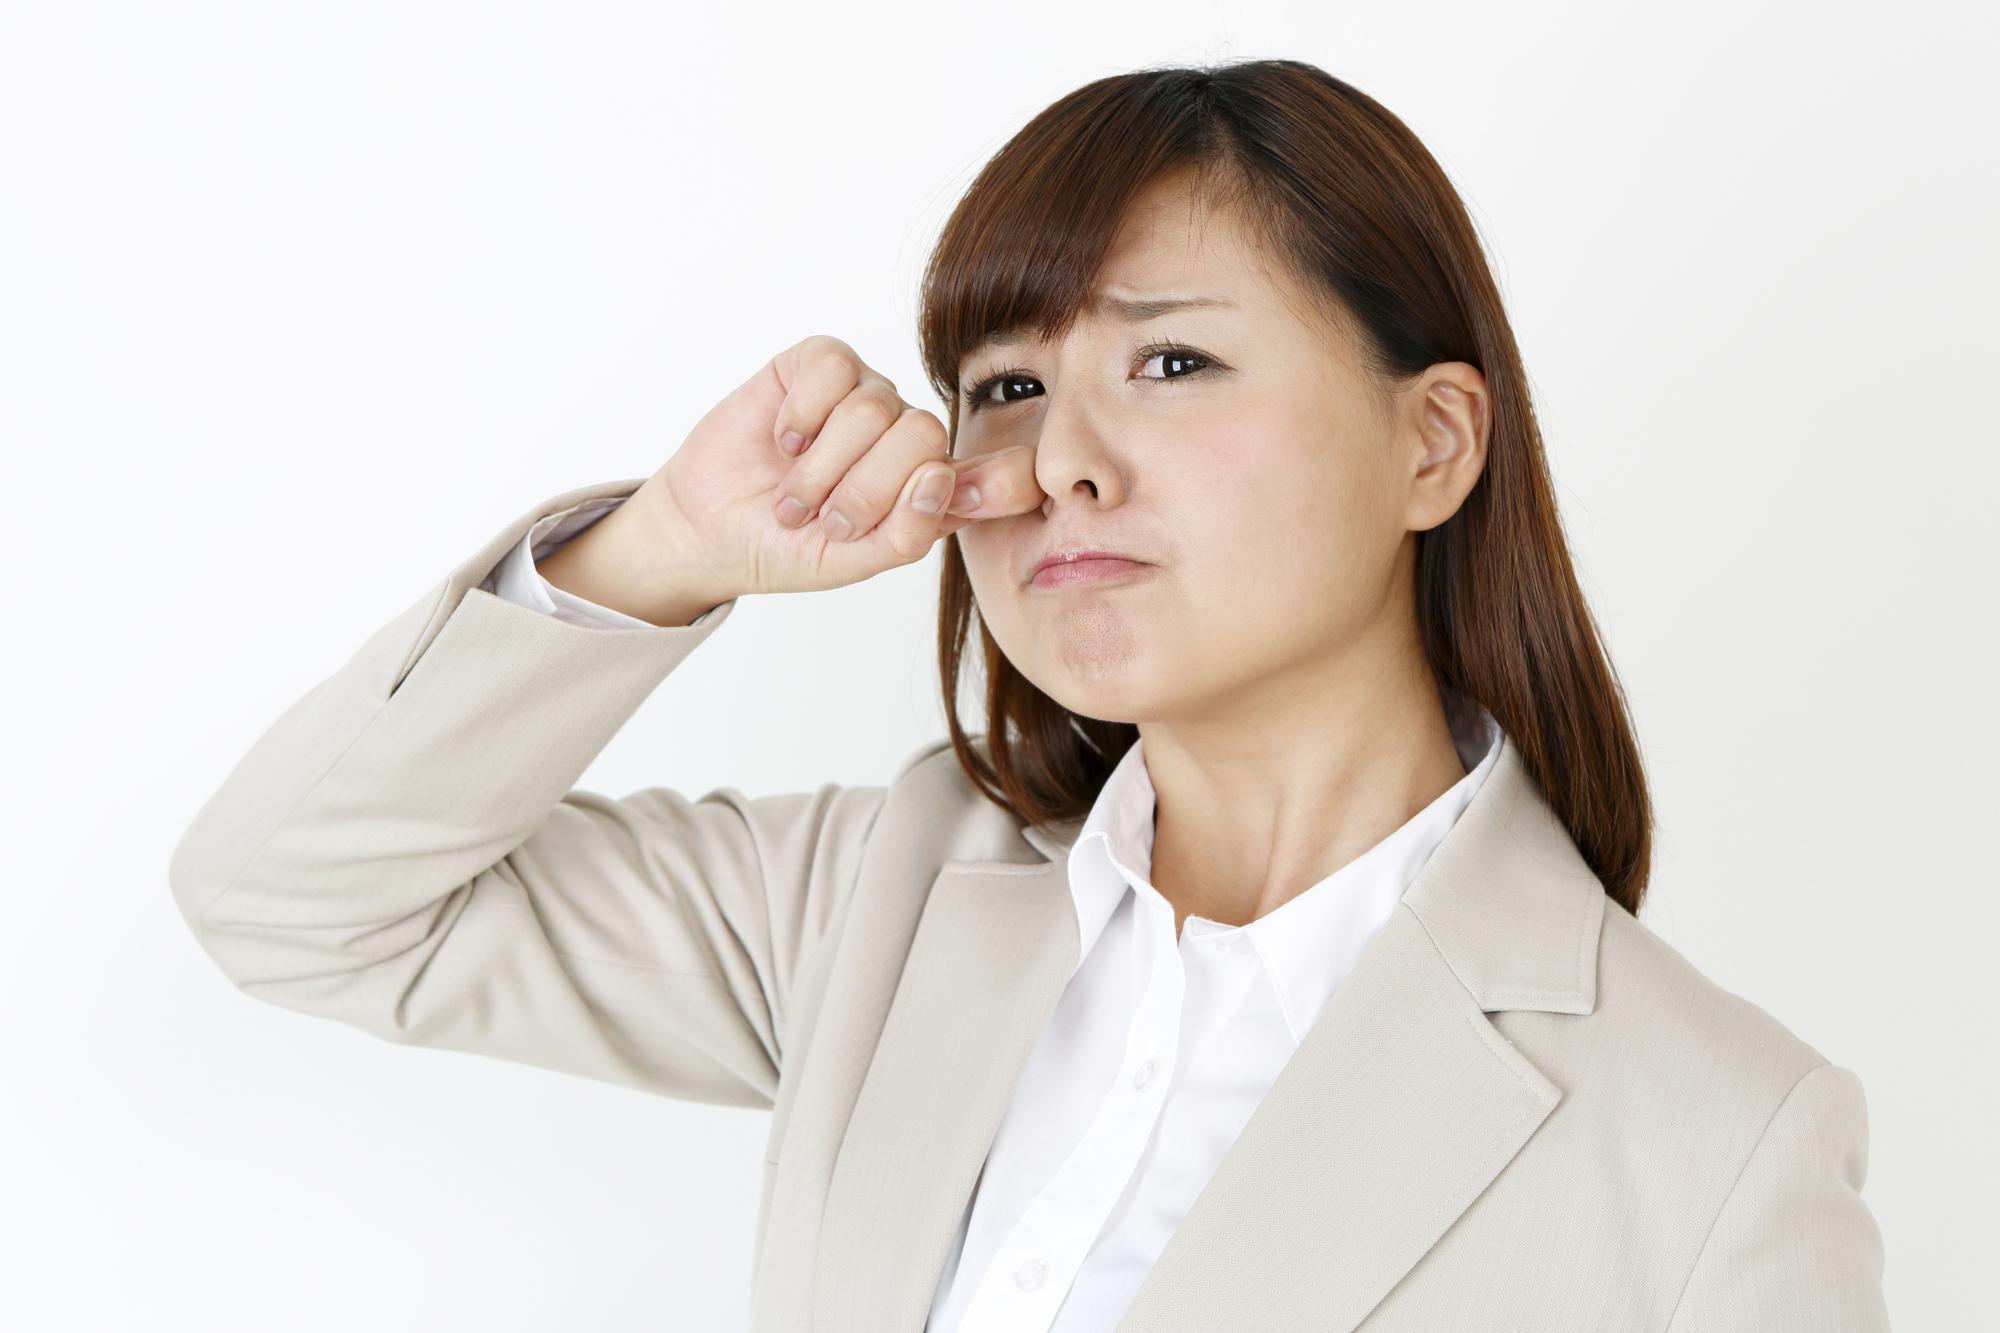 鼻の黒ずみSOS!!どうしても取れない時に、試してほしいことまとめ♡